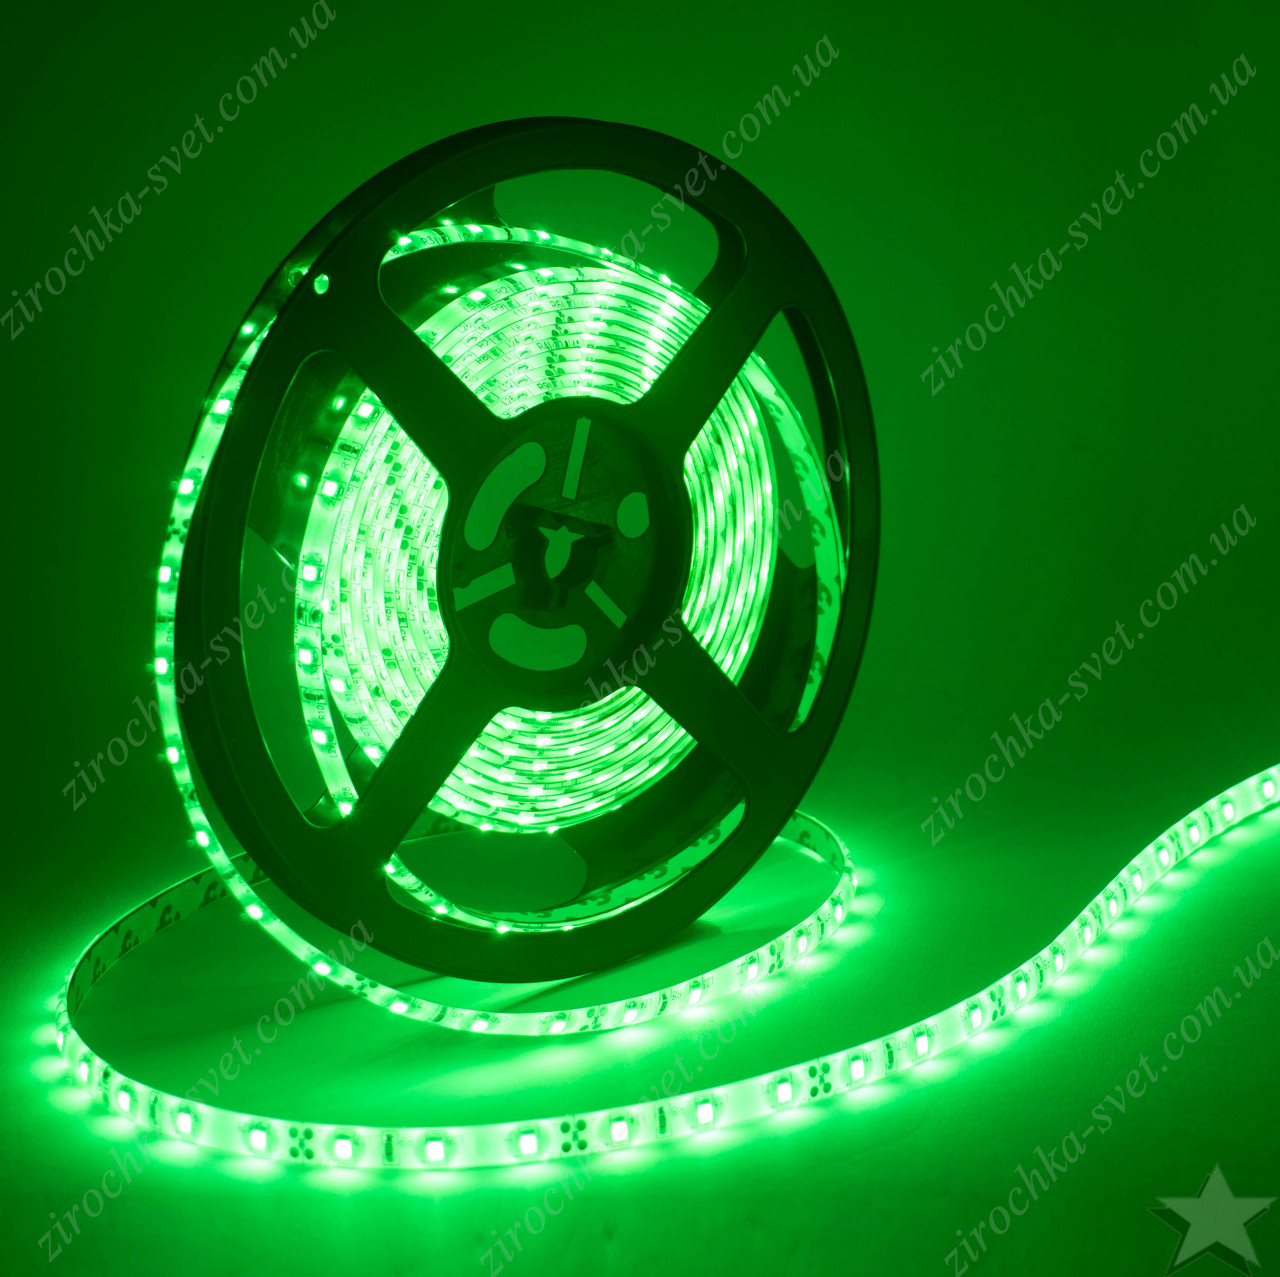 Светодиодная лента зеленая 12в 60шт/м smd3528 IP65 влагозащищенная (в силиконе) 4,8 Вт/м Motoko